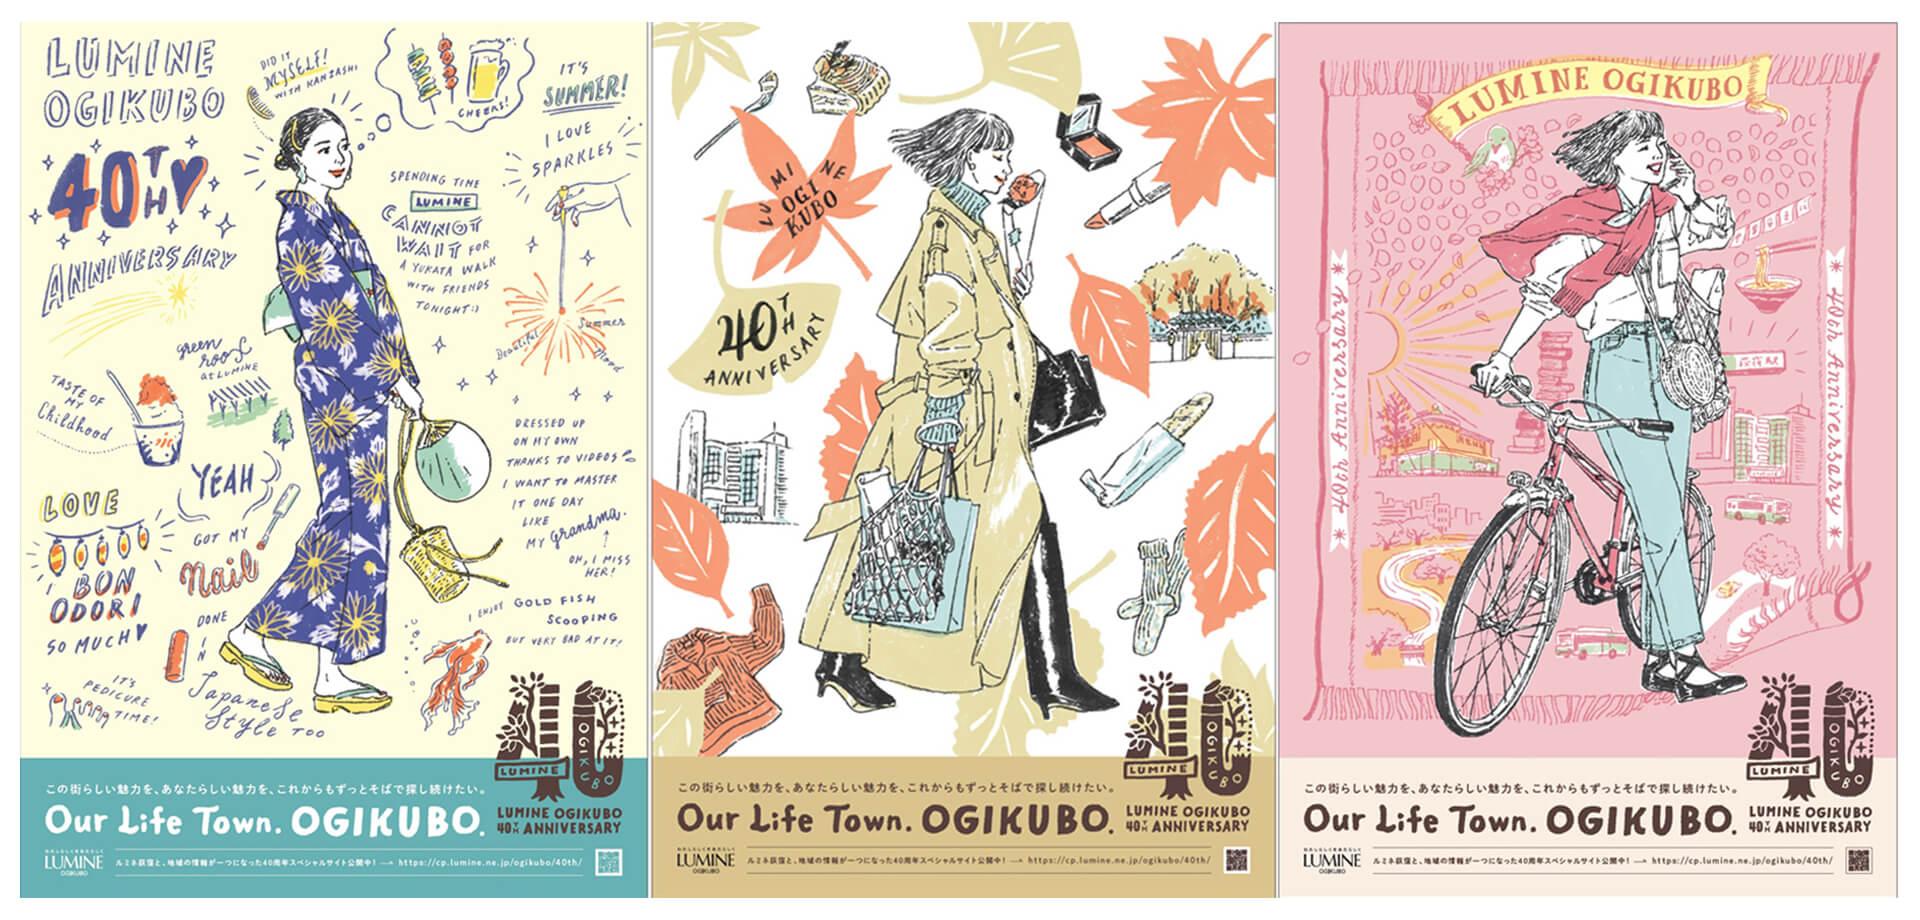 ルミネ荻窪40周年「LUMINE OGIKUBO 40th Anniversary」